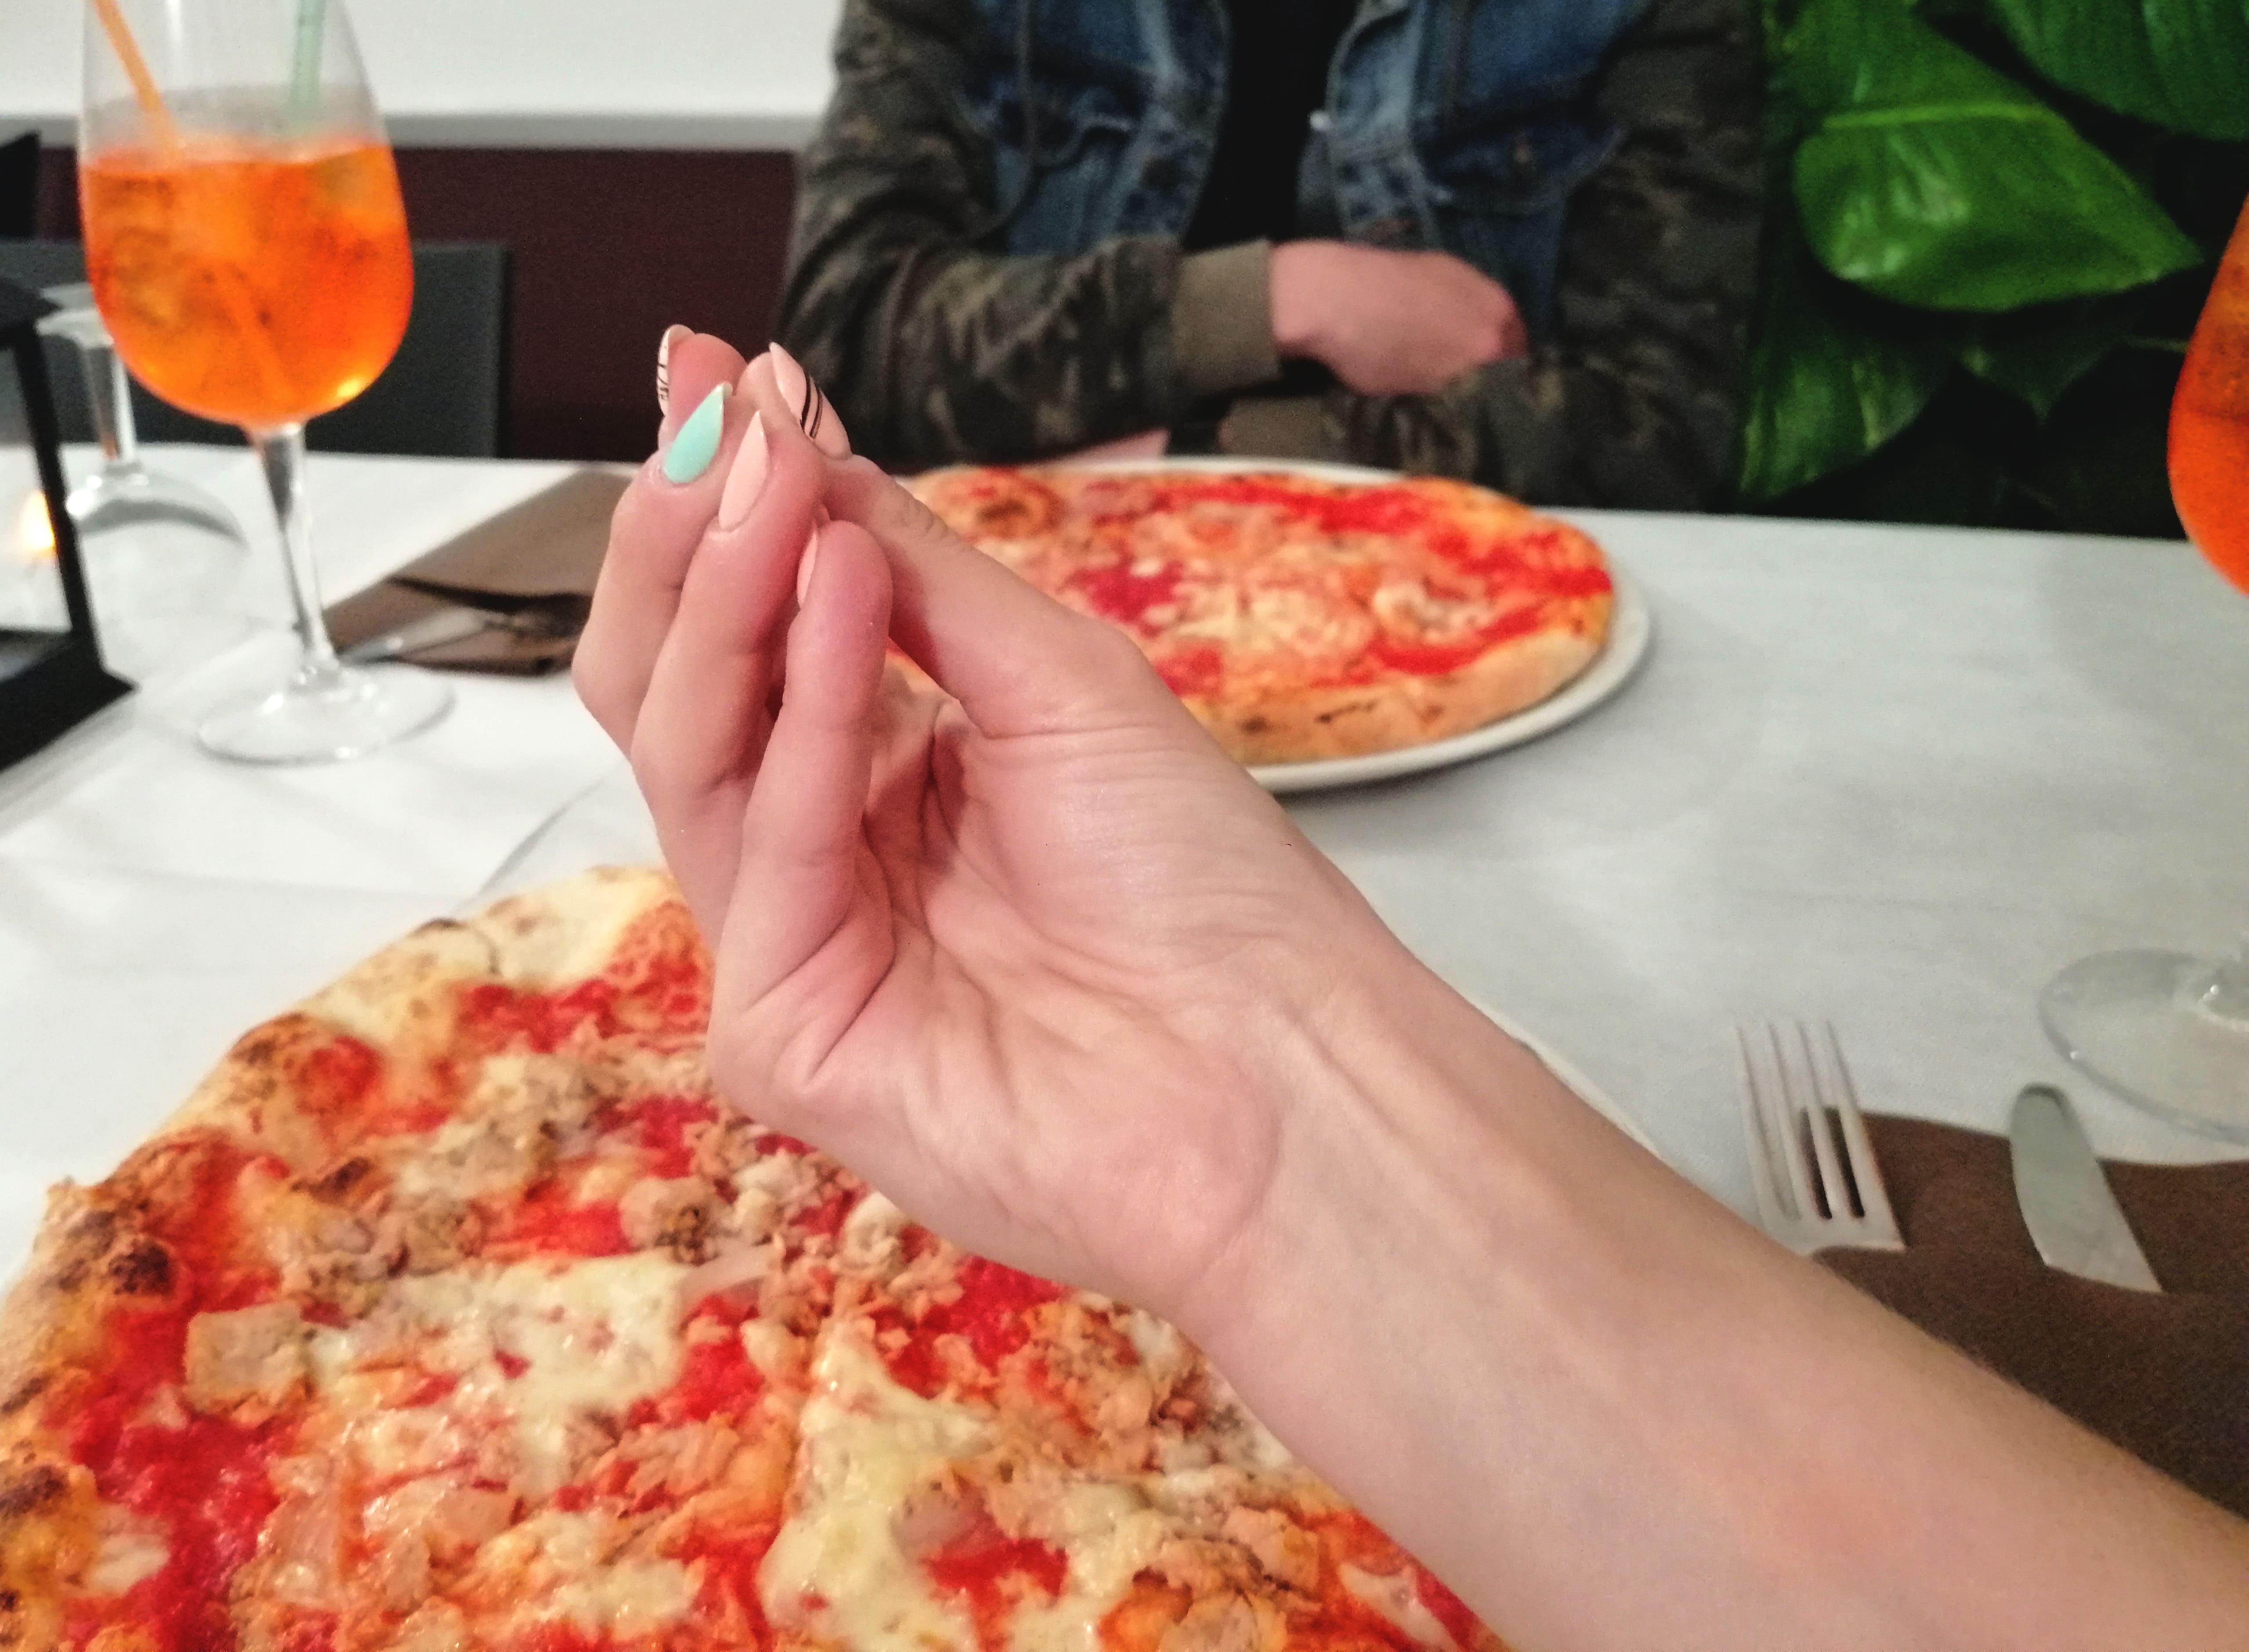 Włoskie obyczaje są śmieszne